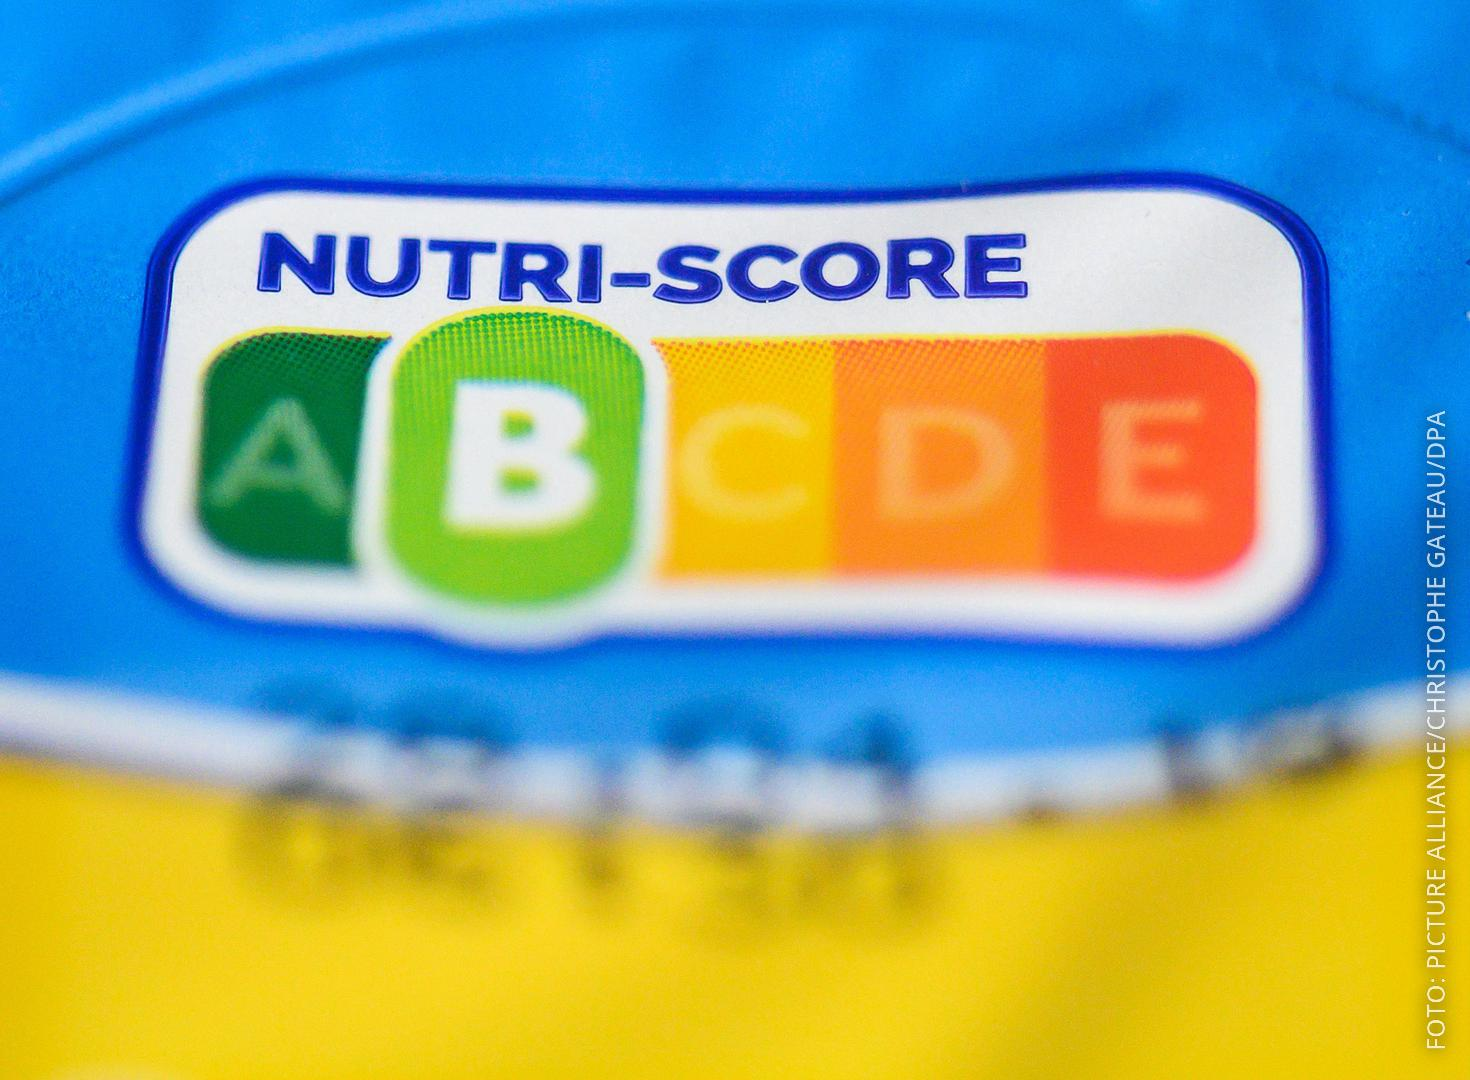 Lebensmittel-Kennzeichnung Nutri-Score